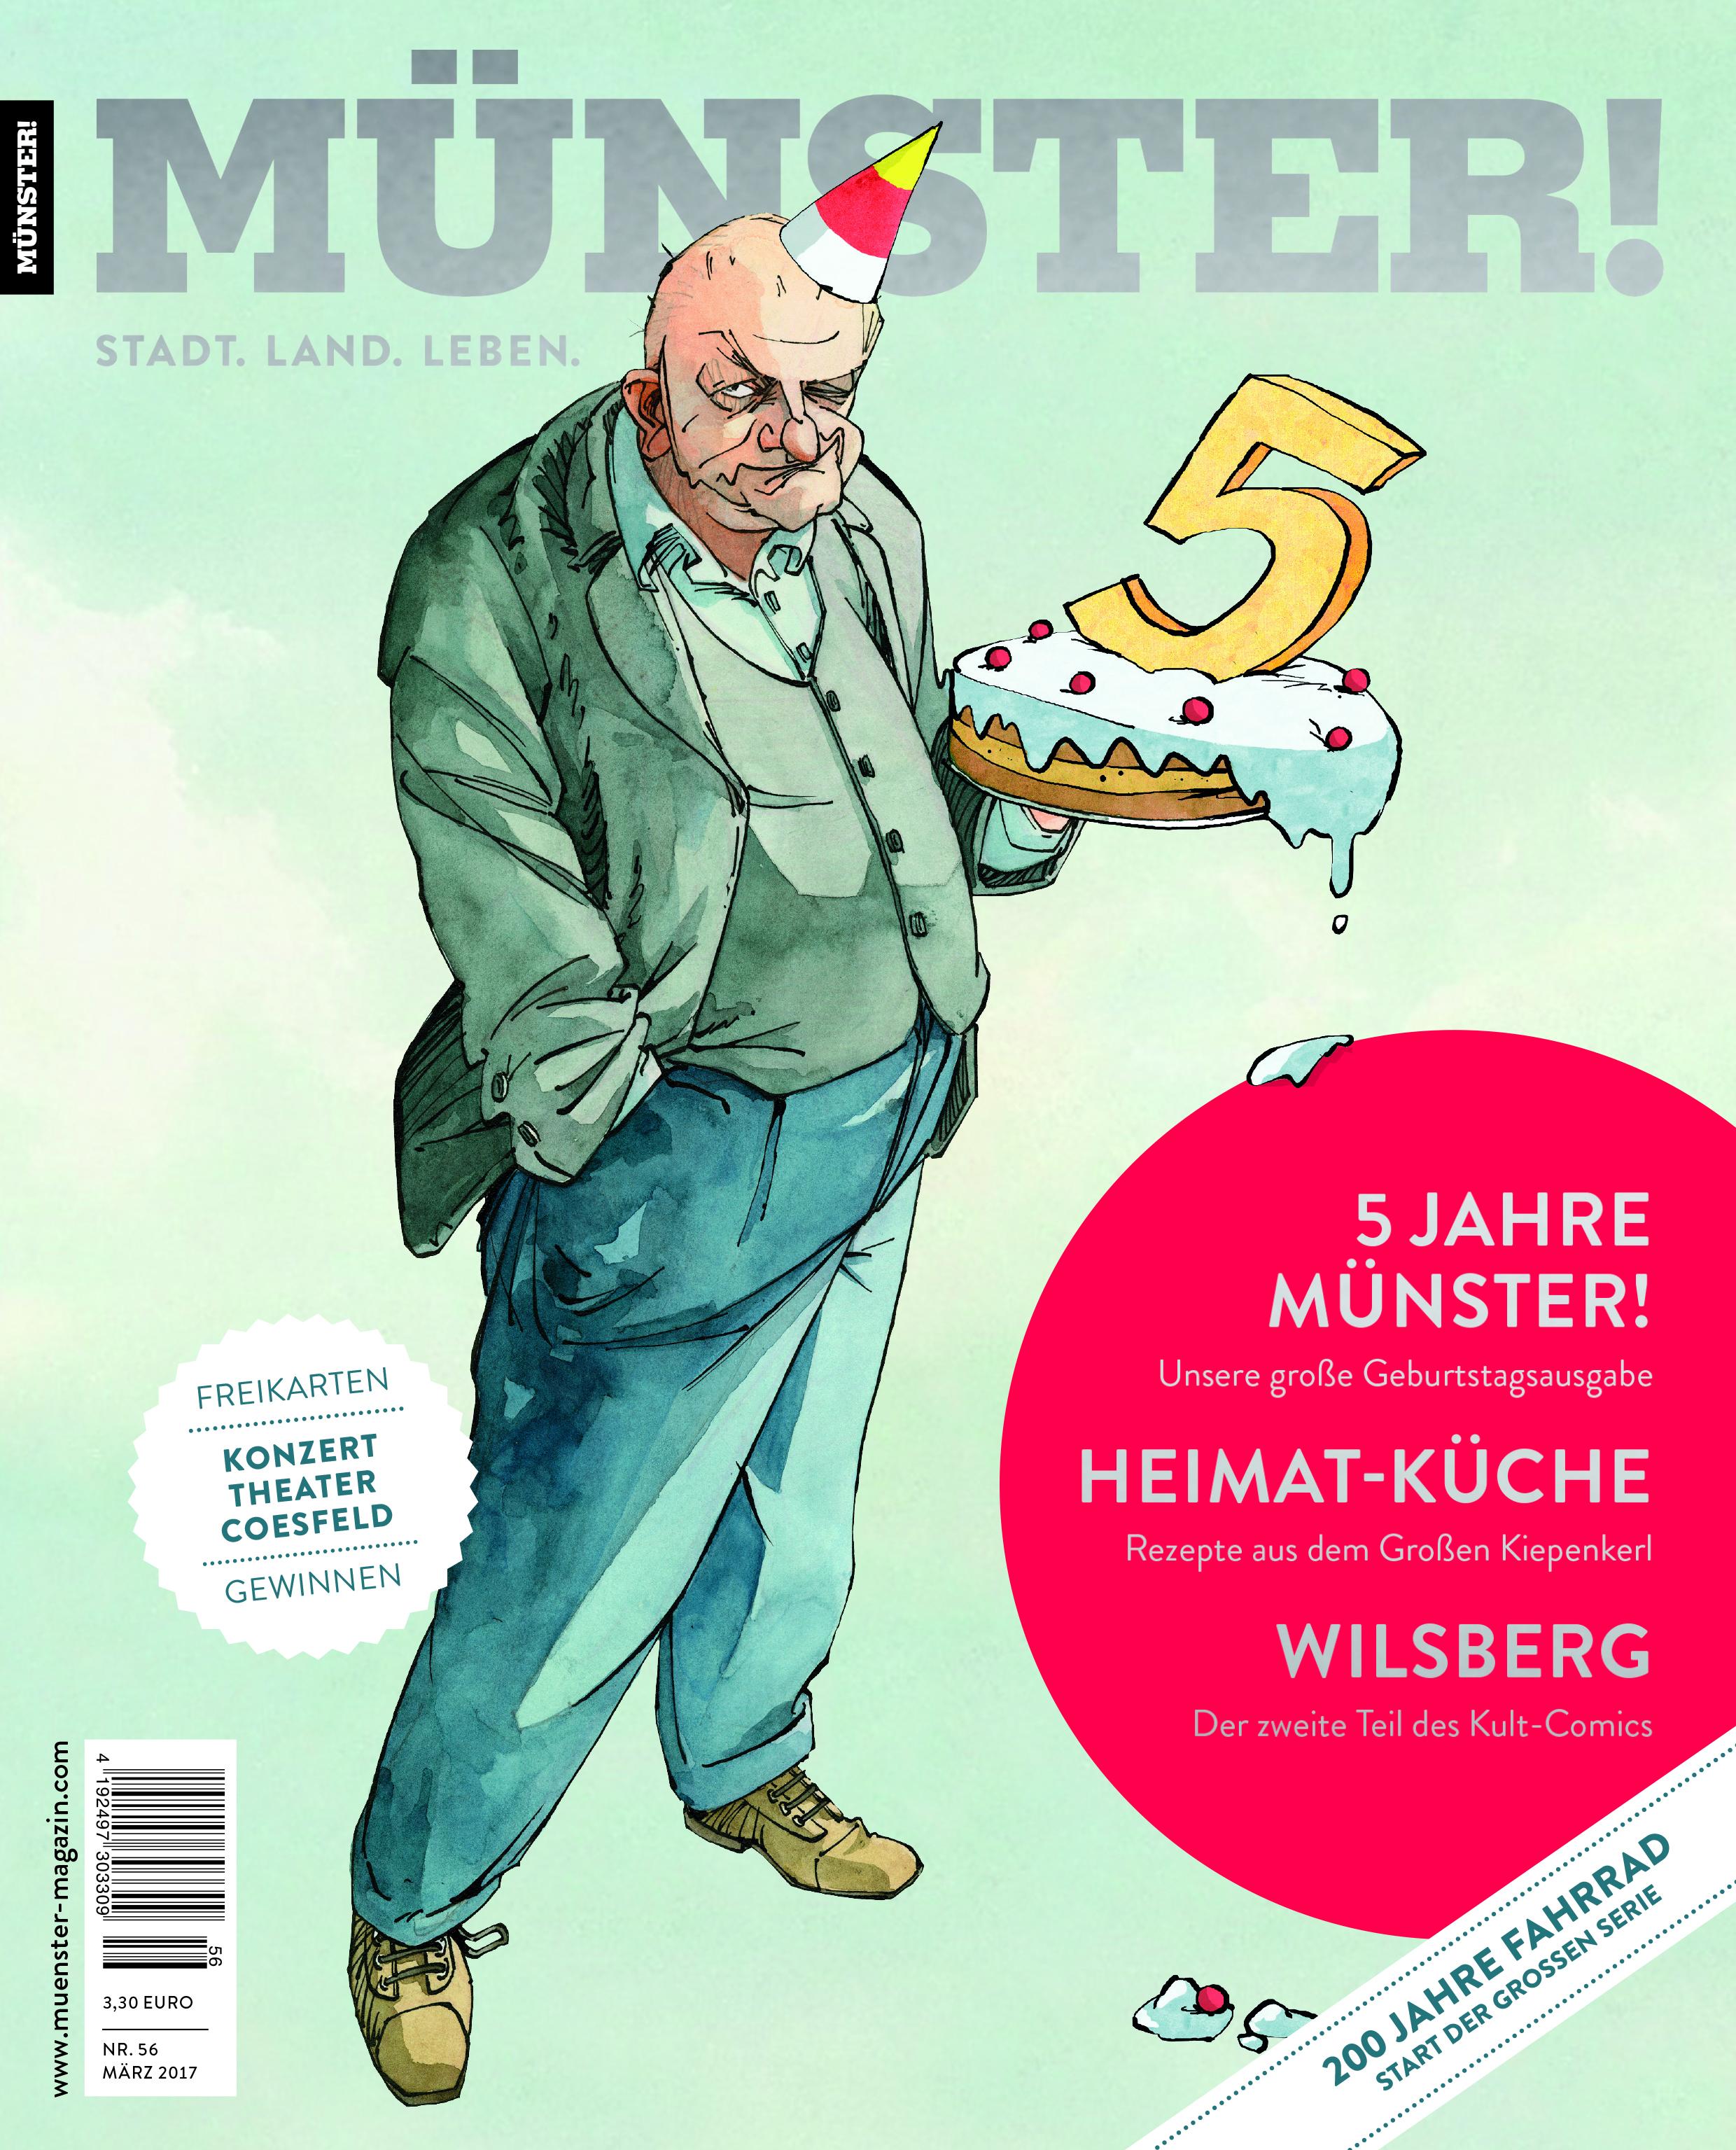 MÜNSTER! März 2017